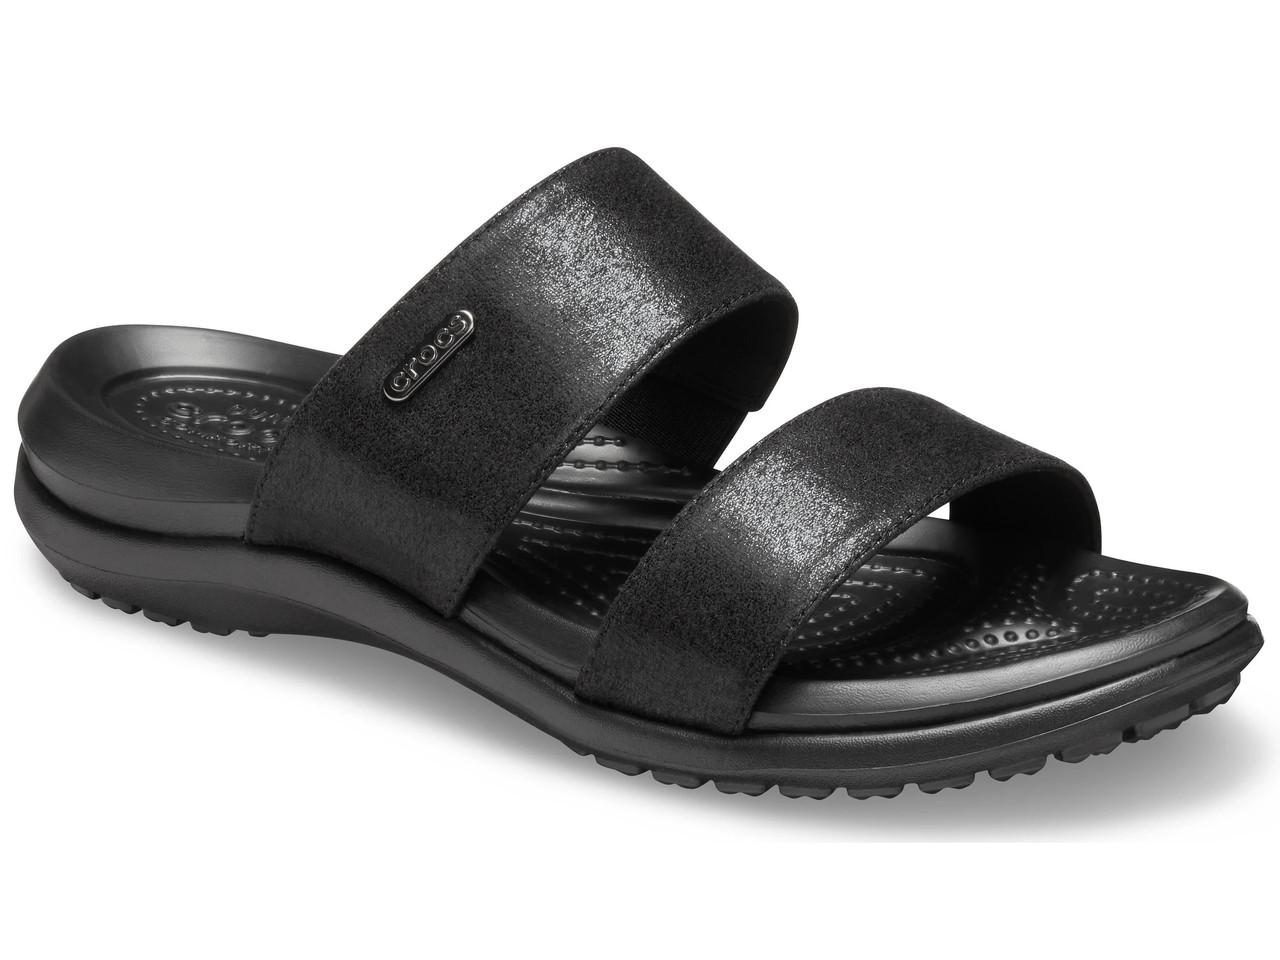 Шльопанці жіночі сандалі Крокси оригінал / Crocs women's Capri Dual-Strap Sandal (206089), Чорні